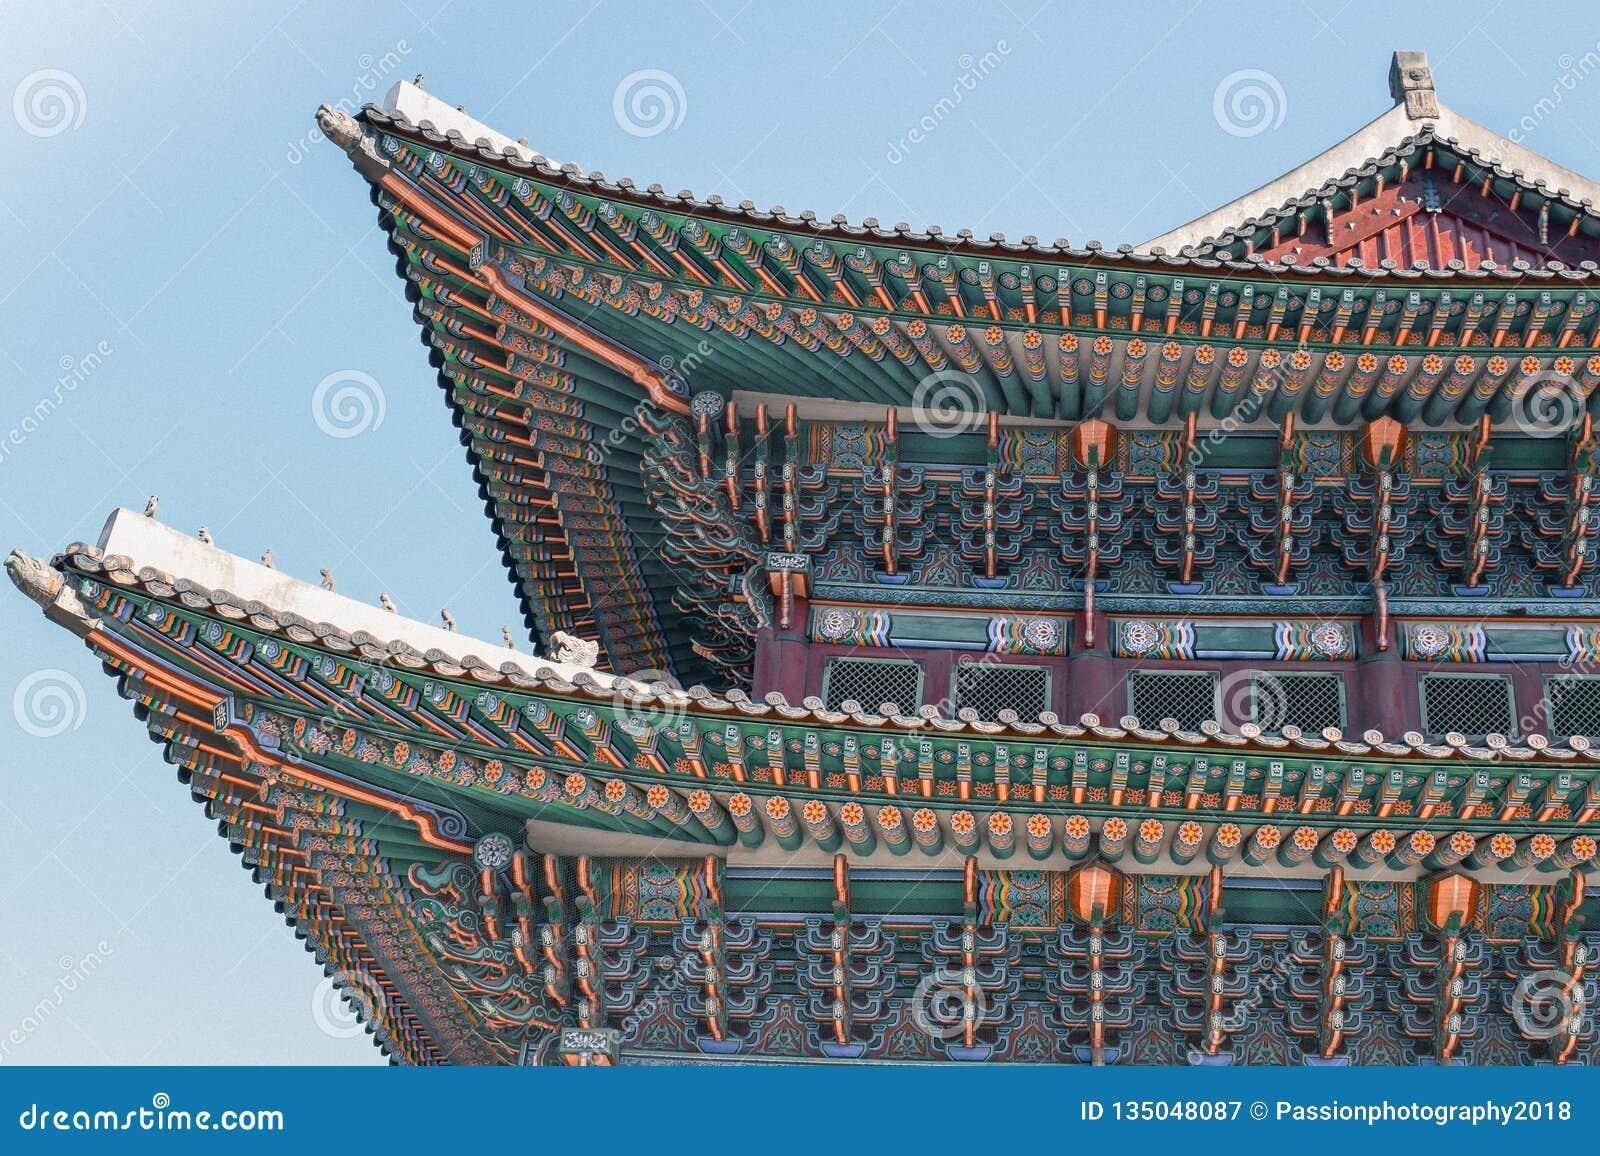 De mooie ornamenten op het kleurrijke dak van het Gyeongbokgung-Paleis in Seoel Korea